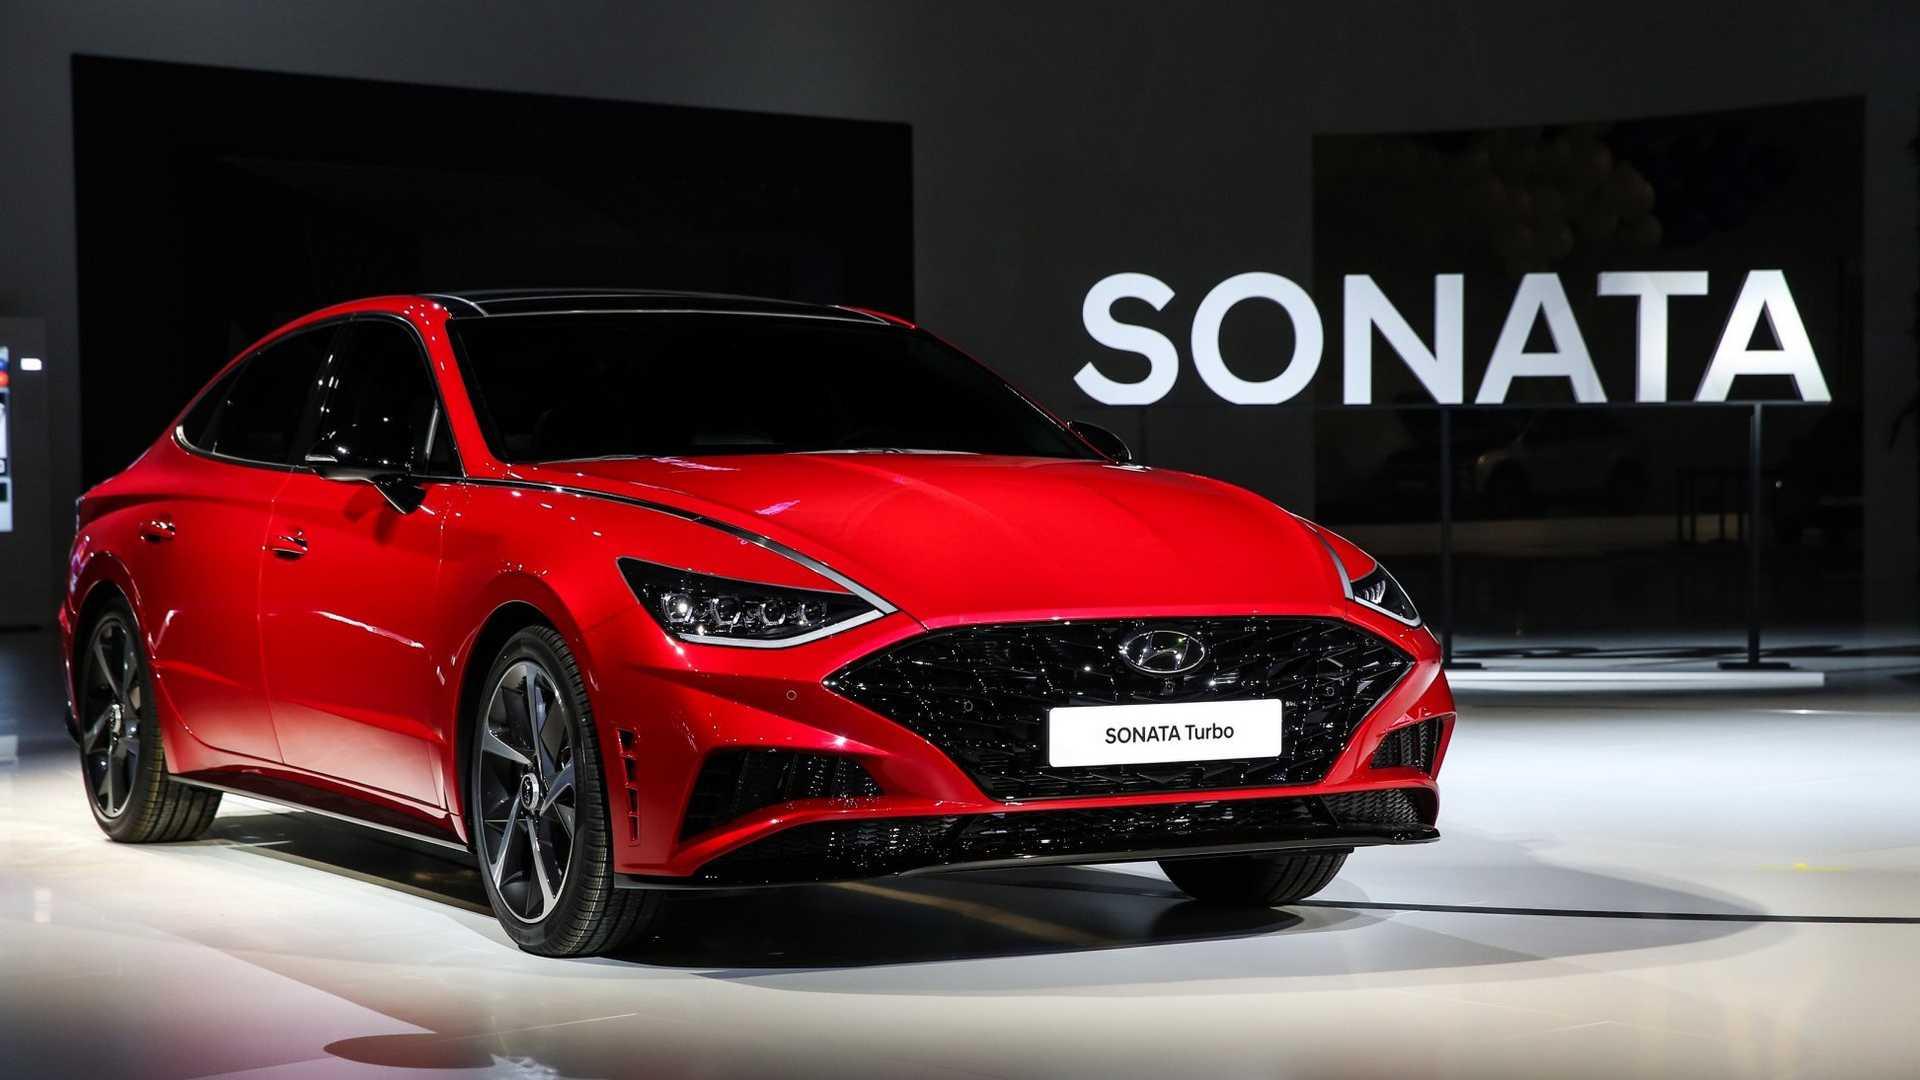 27 Concept of Hyundai Sonata 2020 Price Rumors with Hyundai Sonata 2020 Price